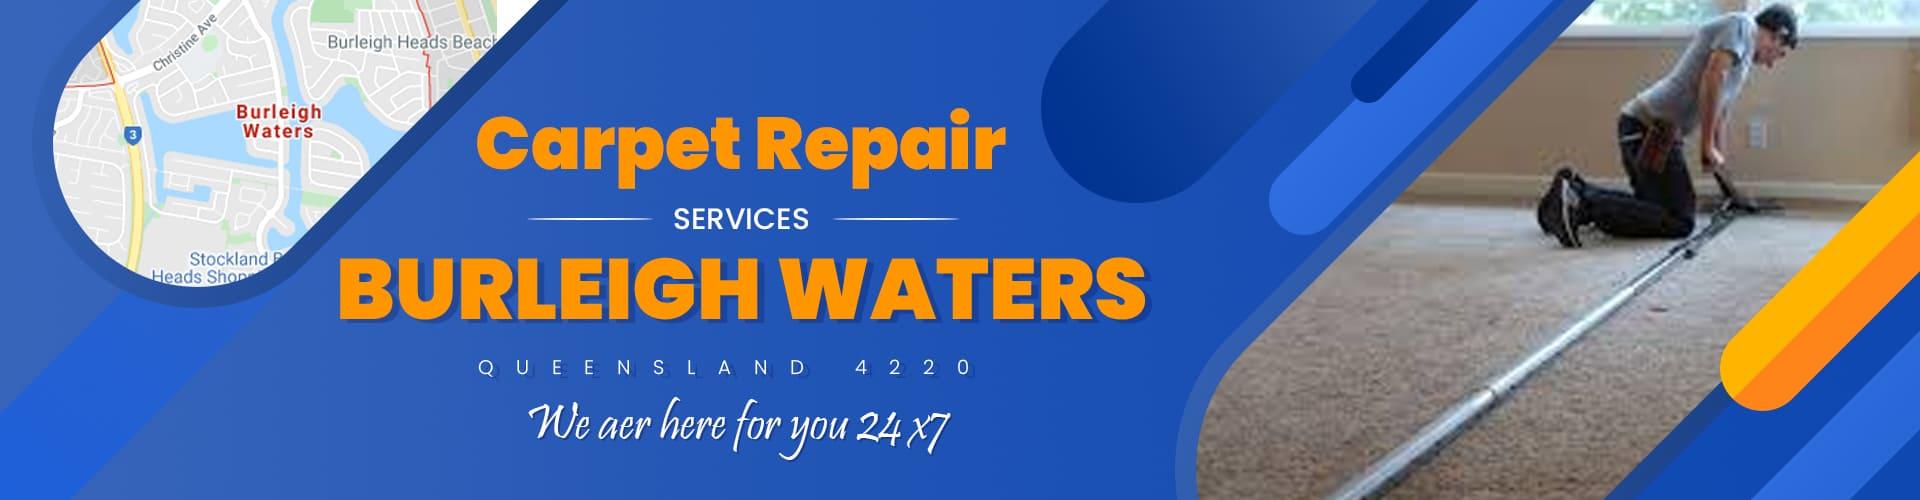 Carpet Repair Burleigh Waters